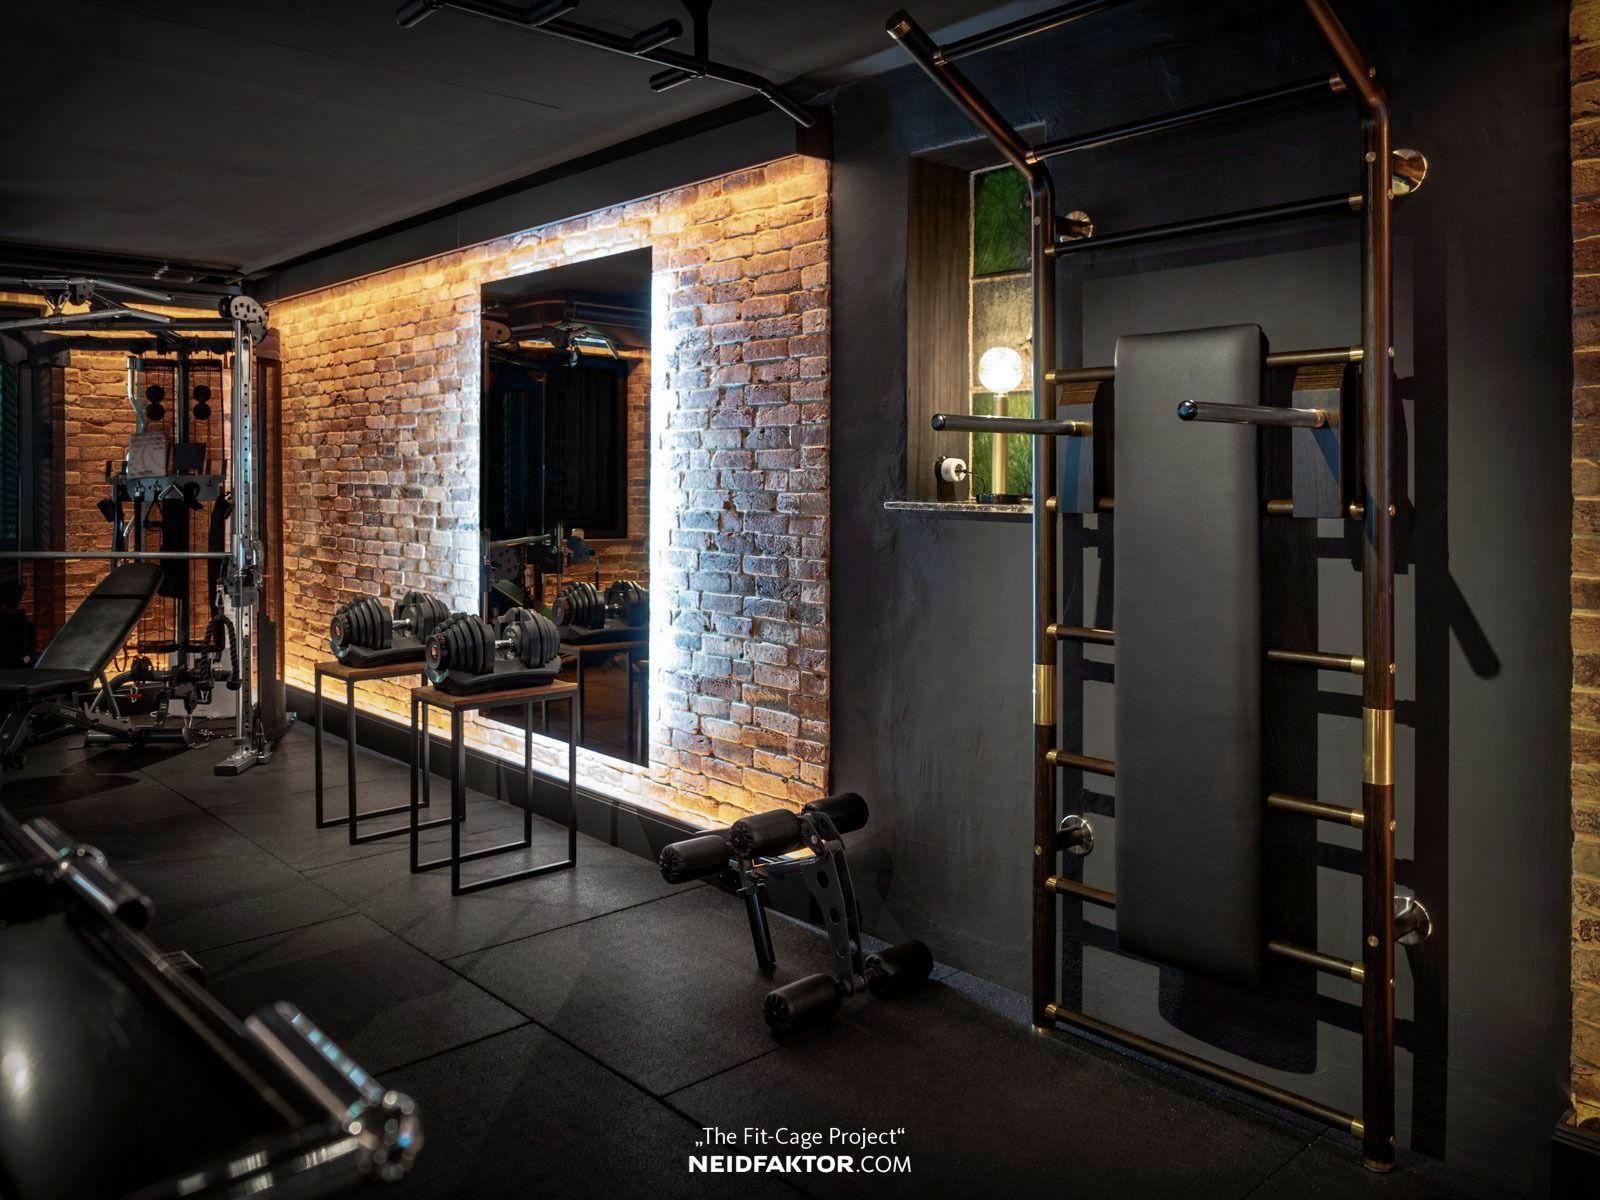 Barras De Pared De Lujo Diseno De Madera Y Laton El Maxwall Es Imprescindible Home Gym Basement Gym Room At Home Home Gym Decor